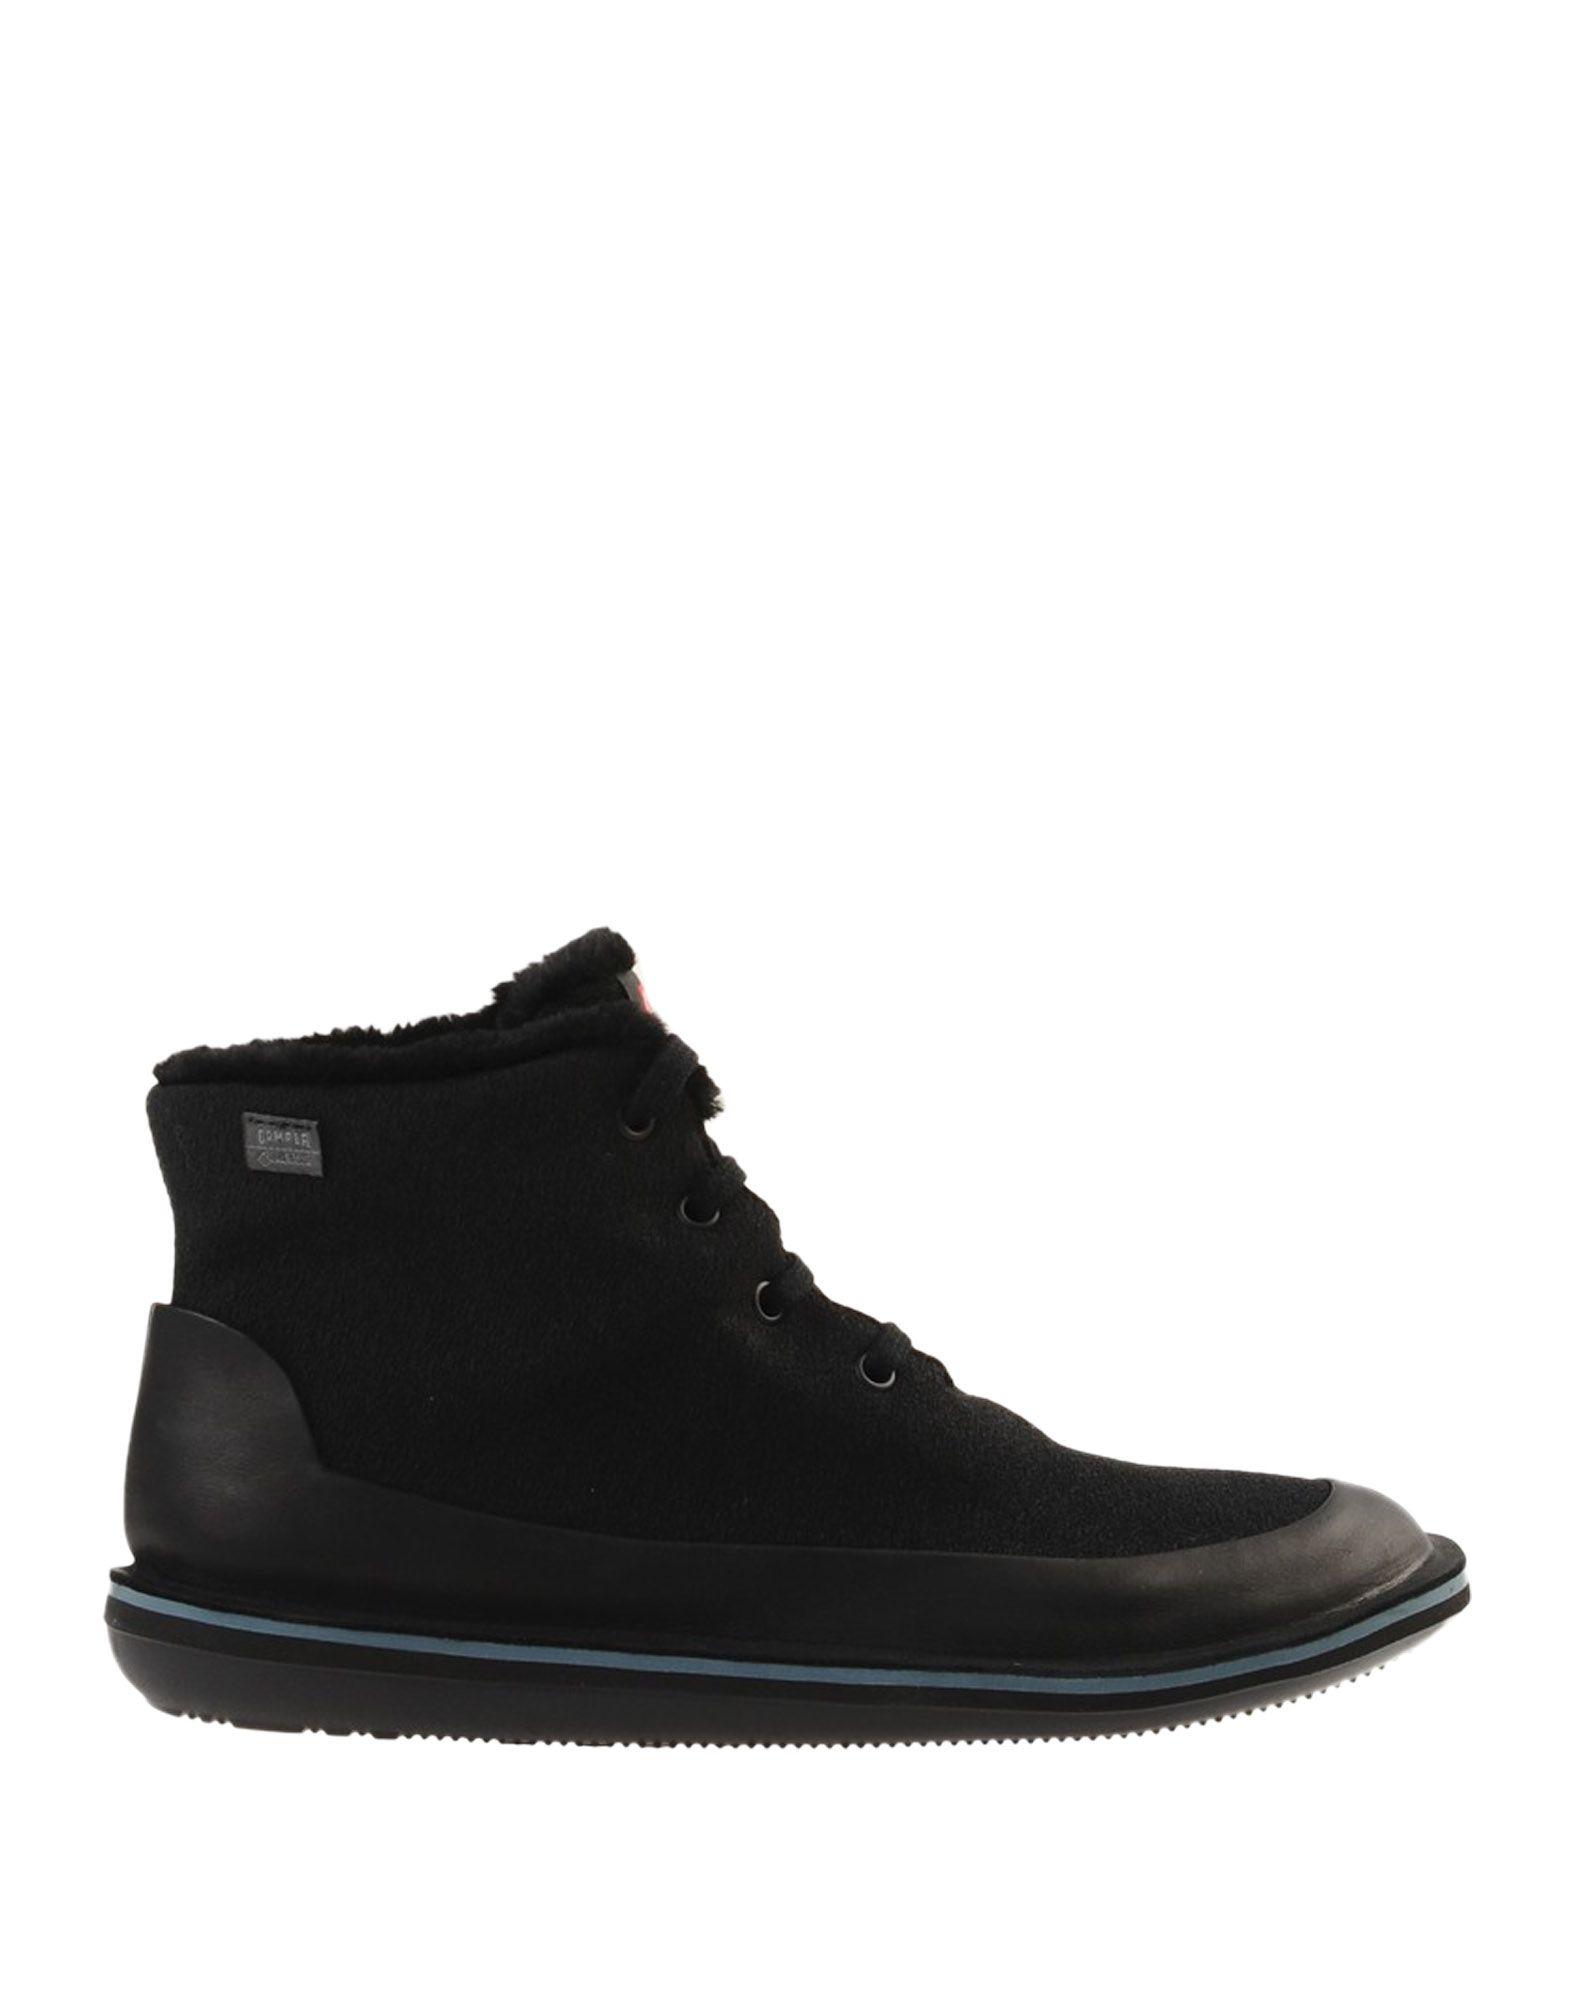 Camper  Sneakers - Women Camper Sneakers online on  Camper United Kingdom - 11574404CK 606033